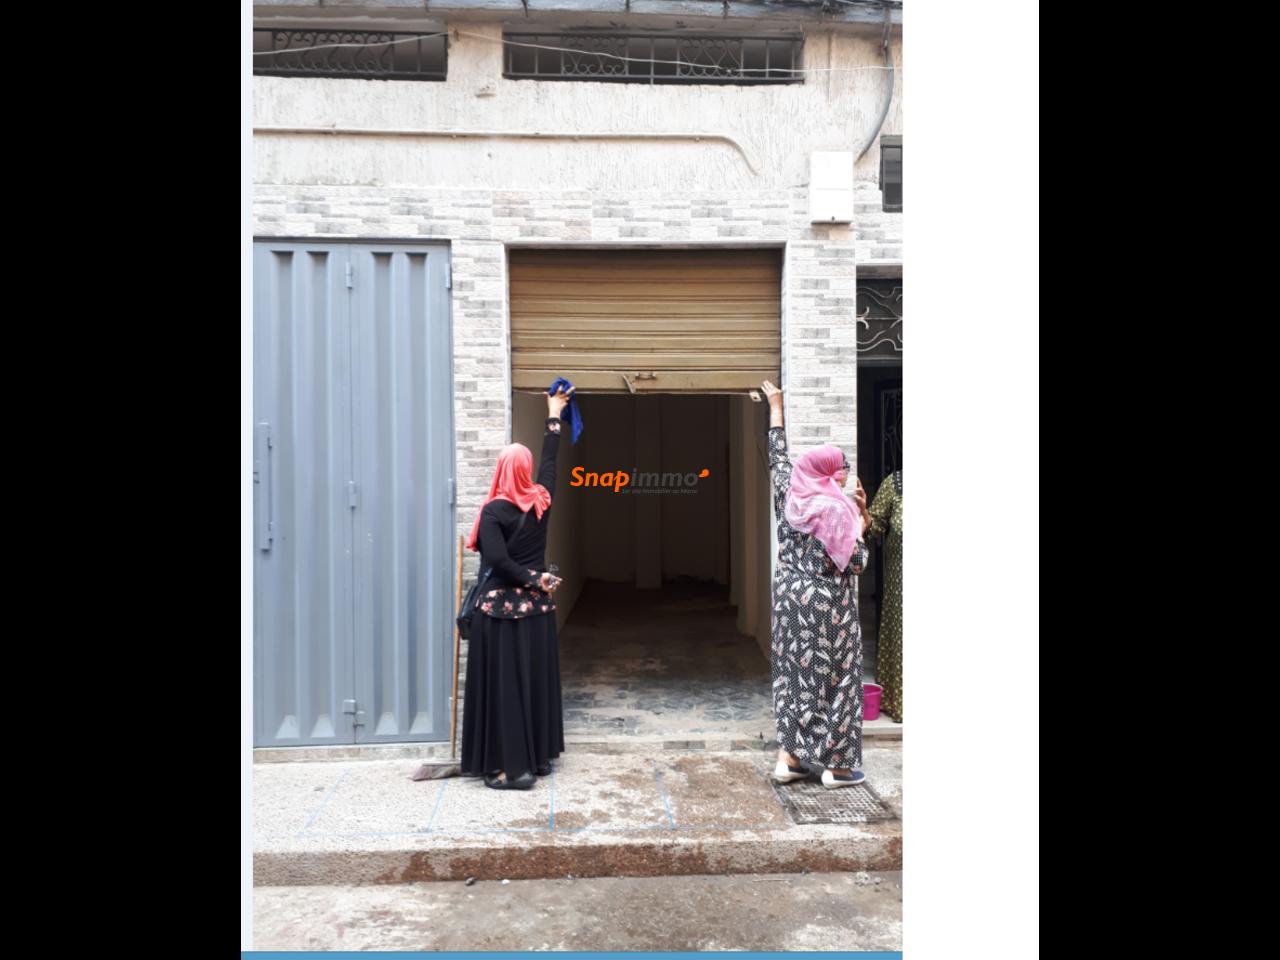 A vendre Local Commercial de 20 m2 Mers Sultan. - 1/2